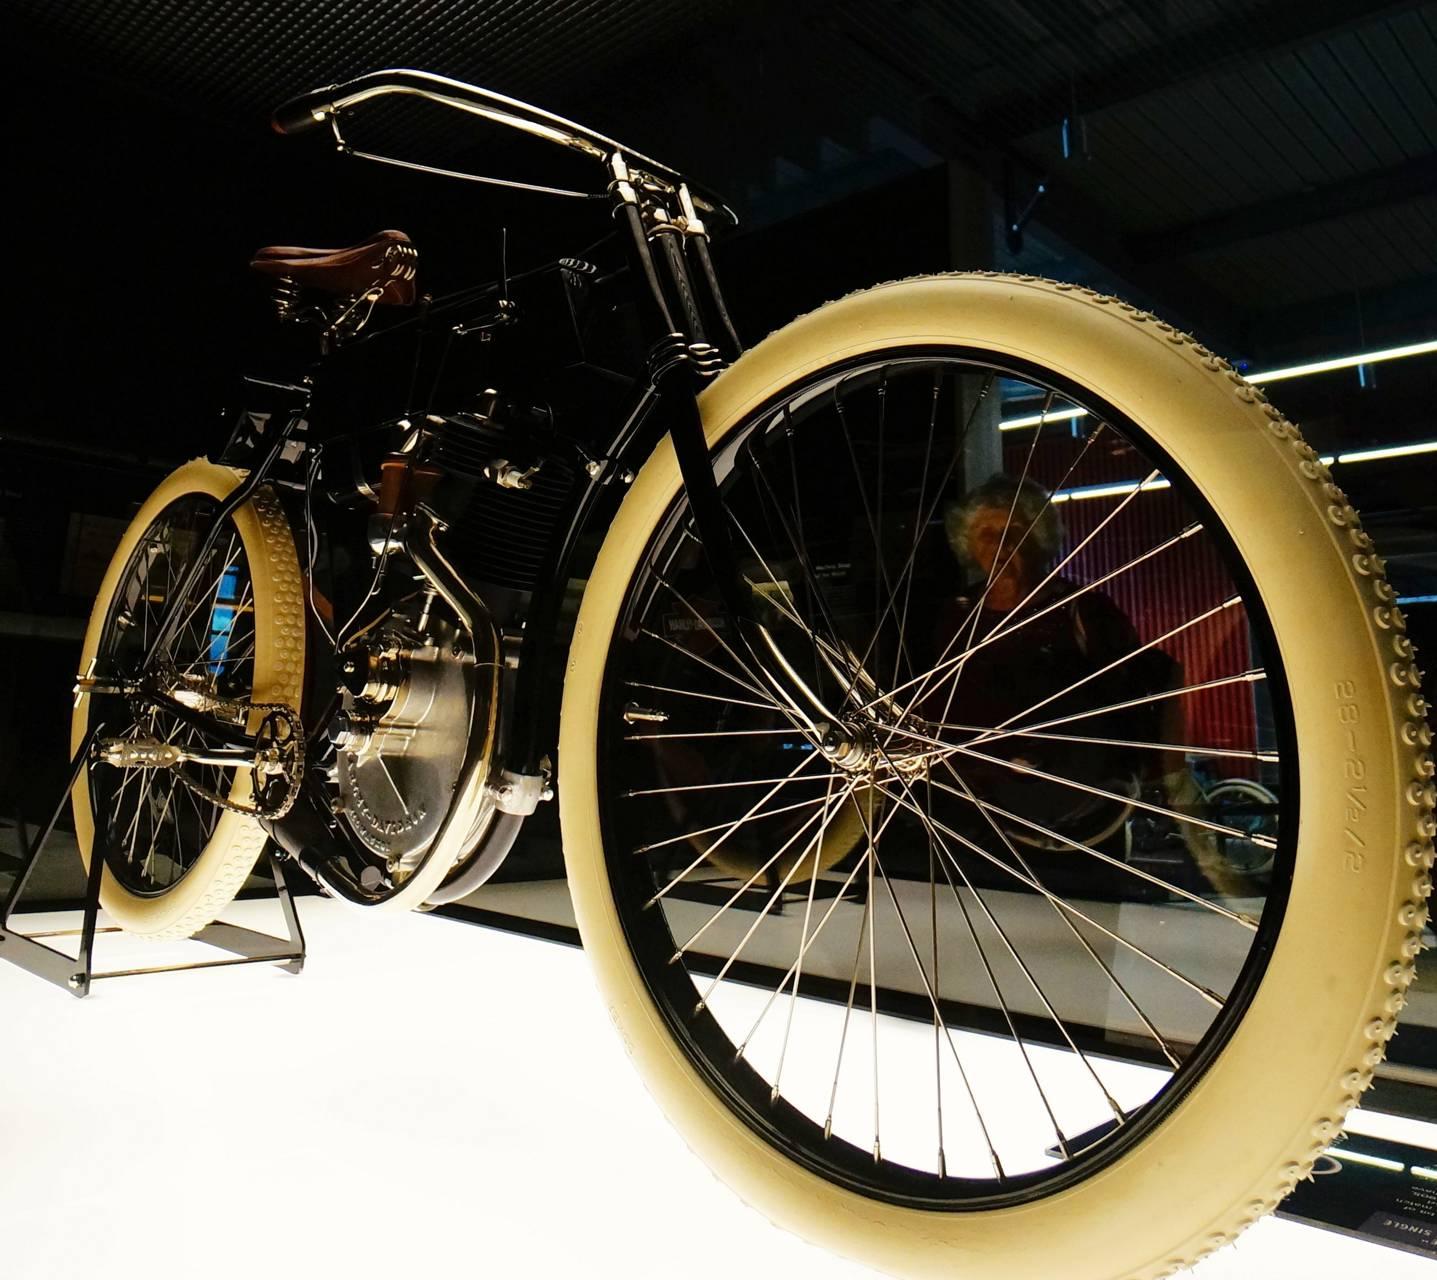 Vintage Motorcycle 8